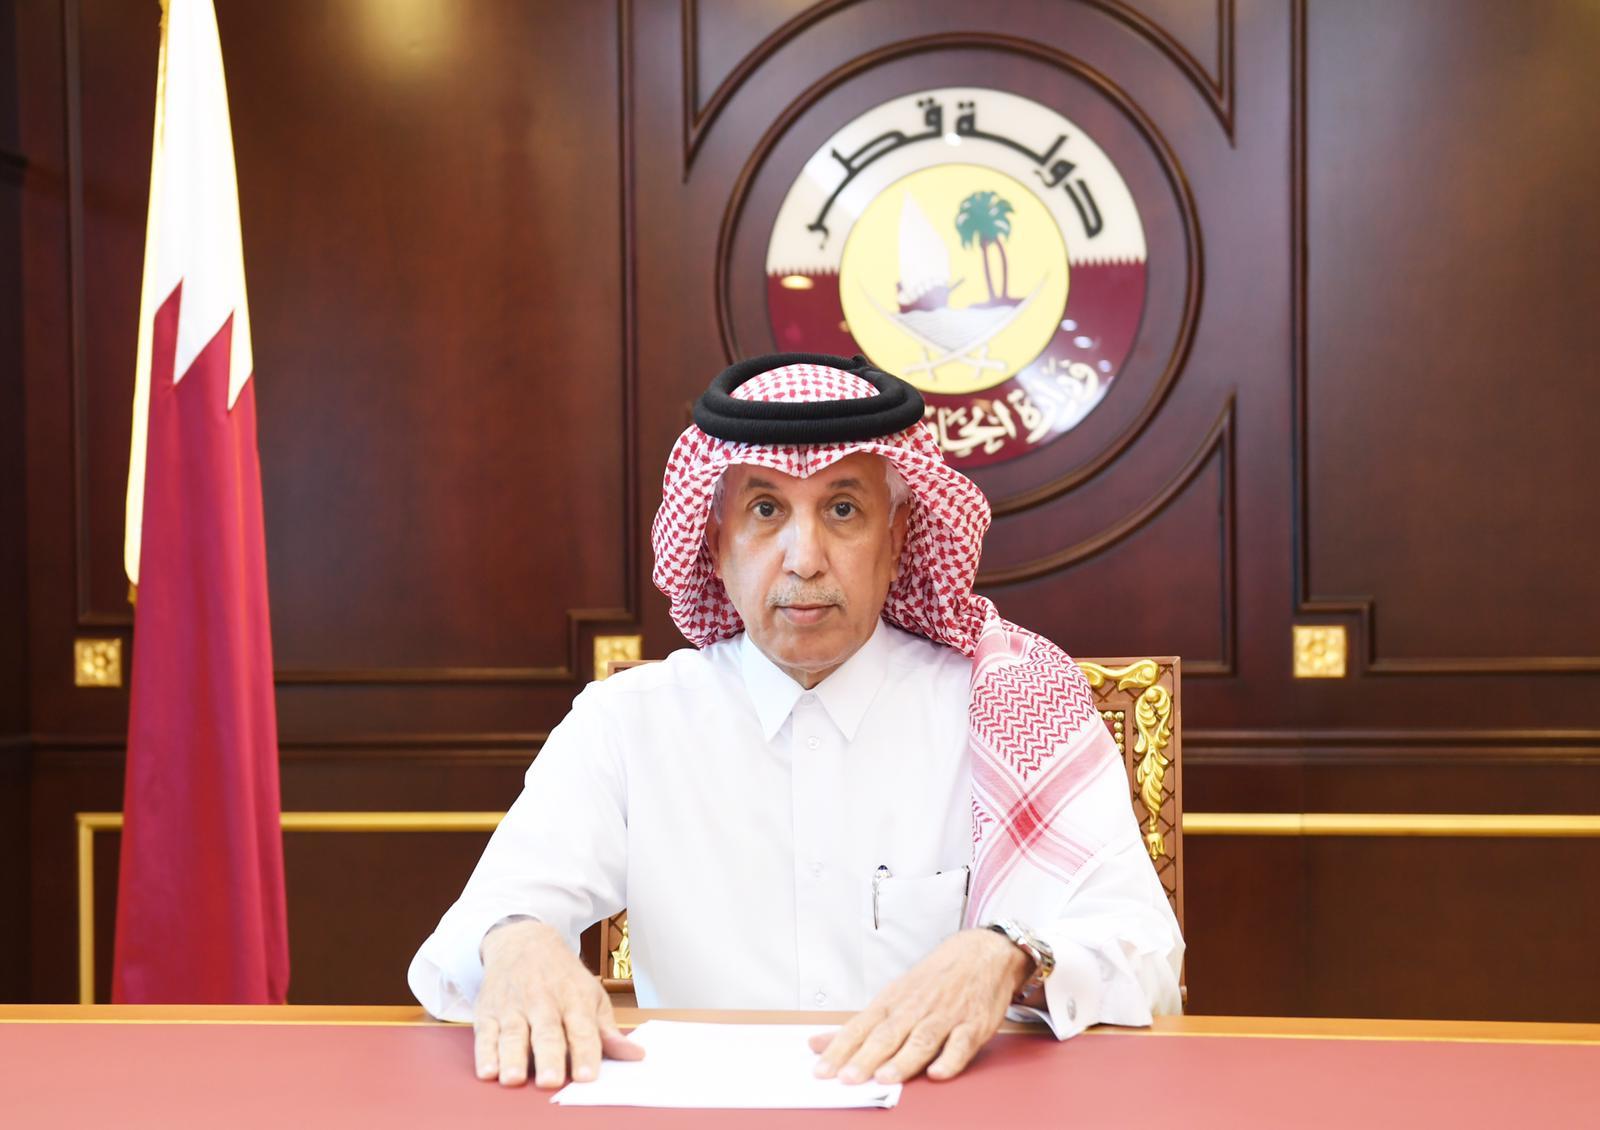 دولة قطر تشارك في الاجتماع الوزاري الثالث عشر لمنتدى بالي للديمقراطية